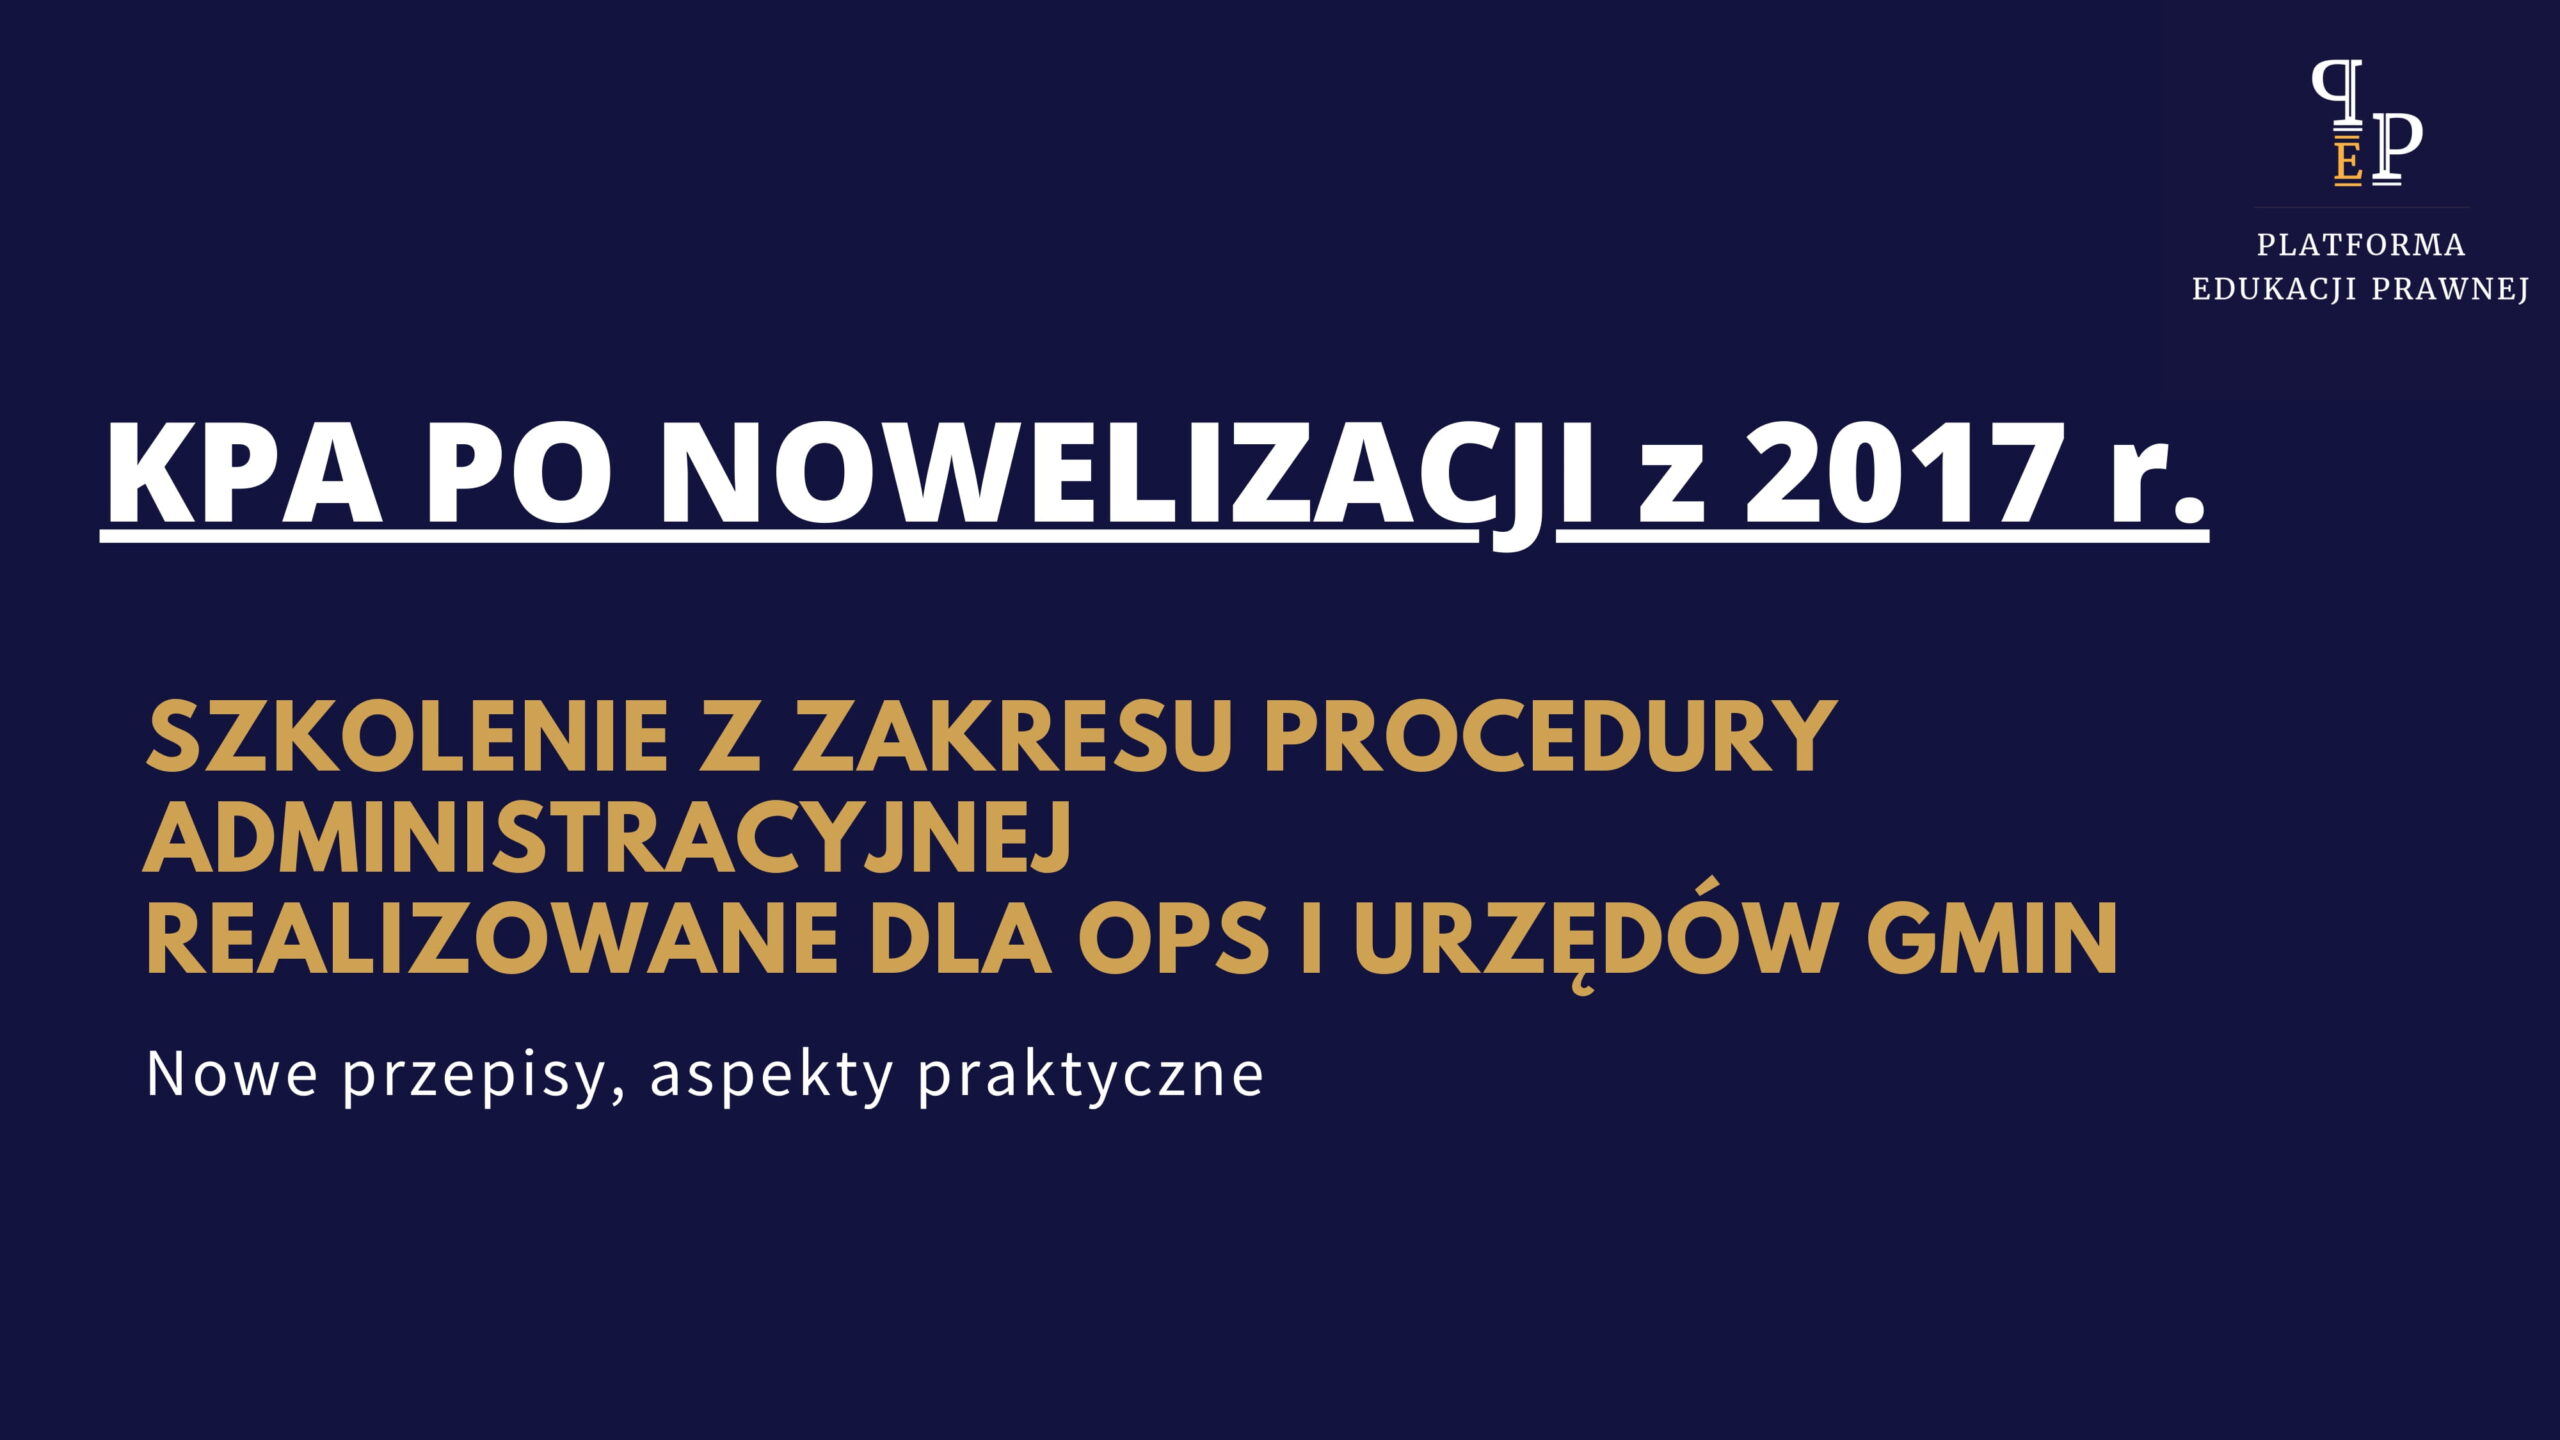 szkolenie_z_zakresu_procedury_administracyjnej_realizowane_dla_ops_i_urzędów_gmin